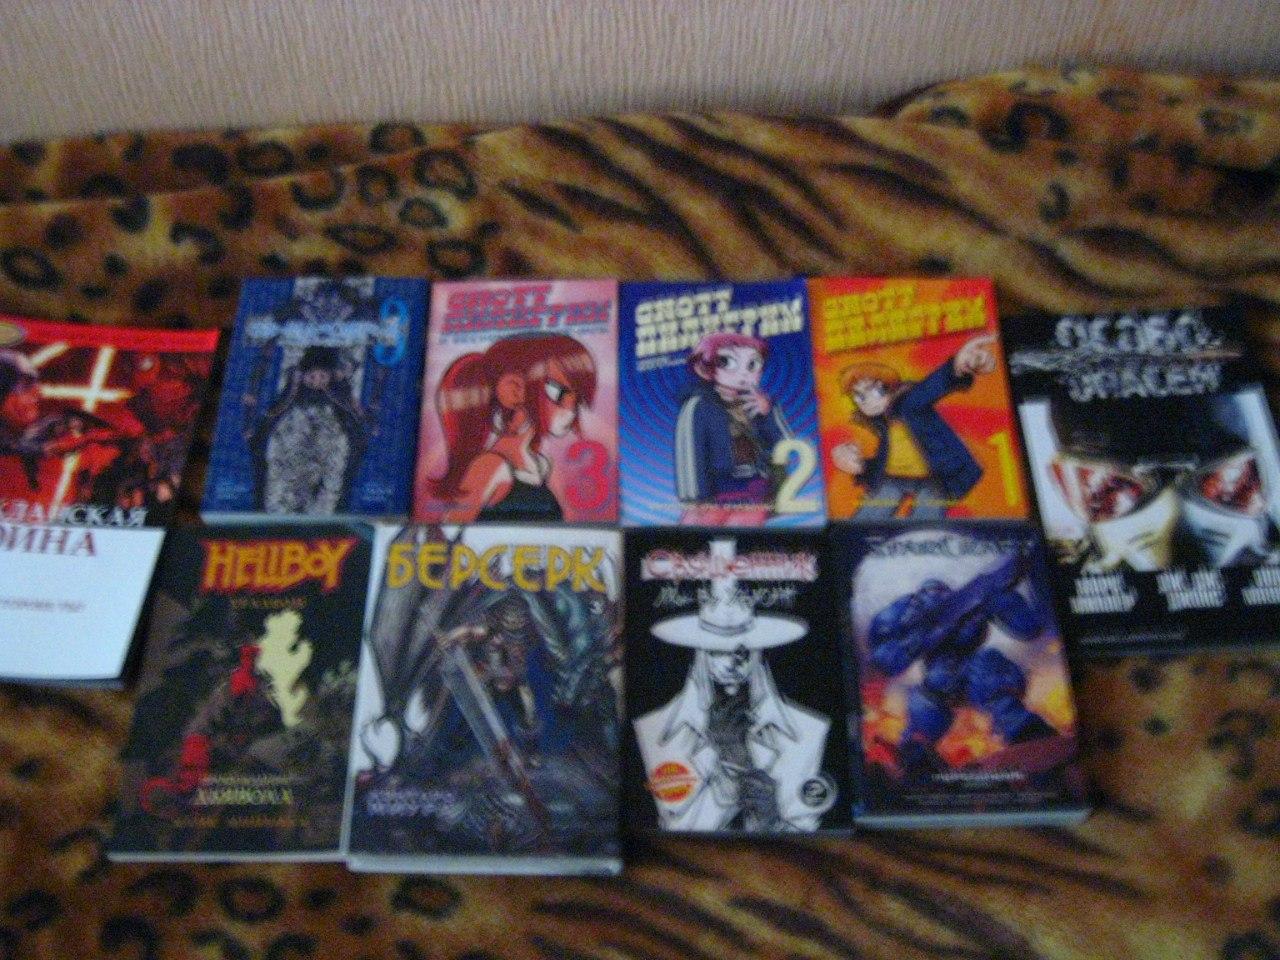 Моя маленькая коллекция комиксов. Мой день на пикабу или вроде того.